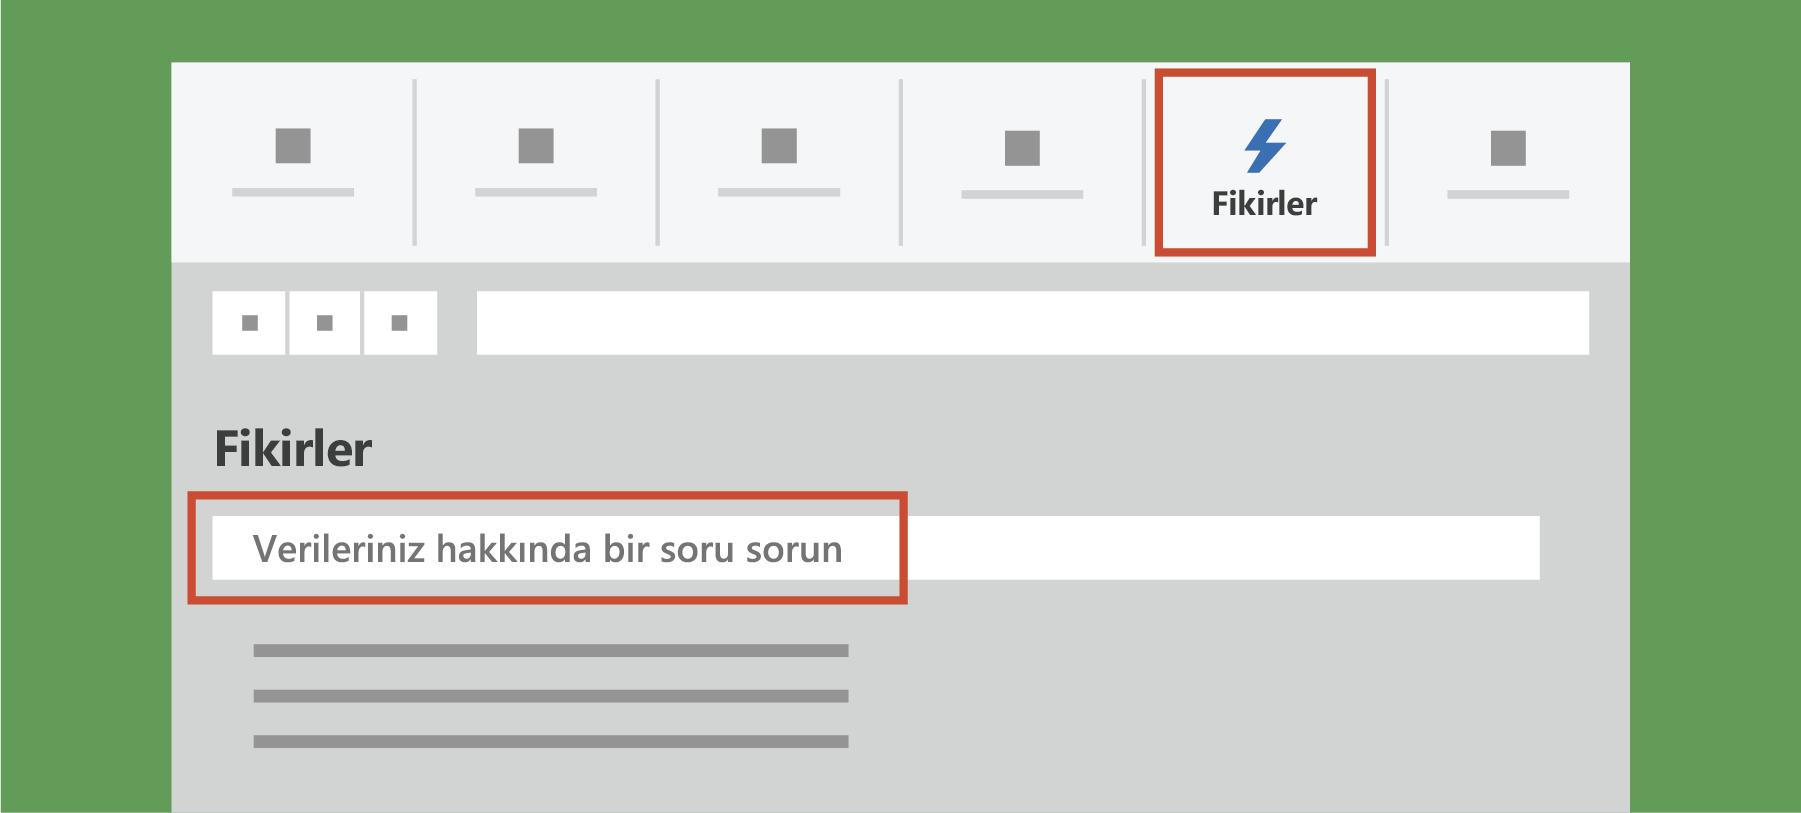 Excel'de Fikirler'i gösterir